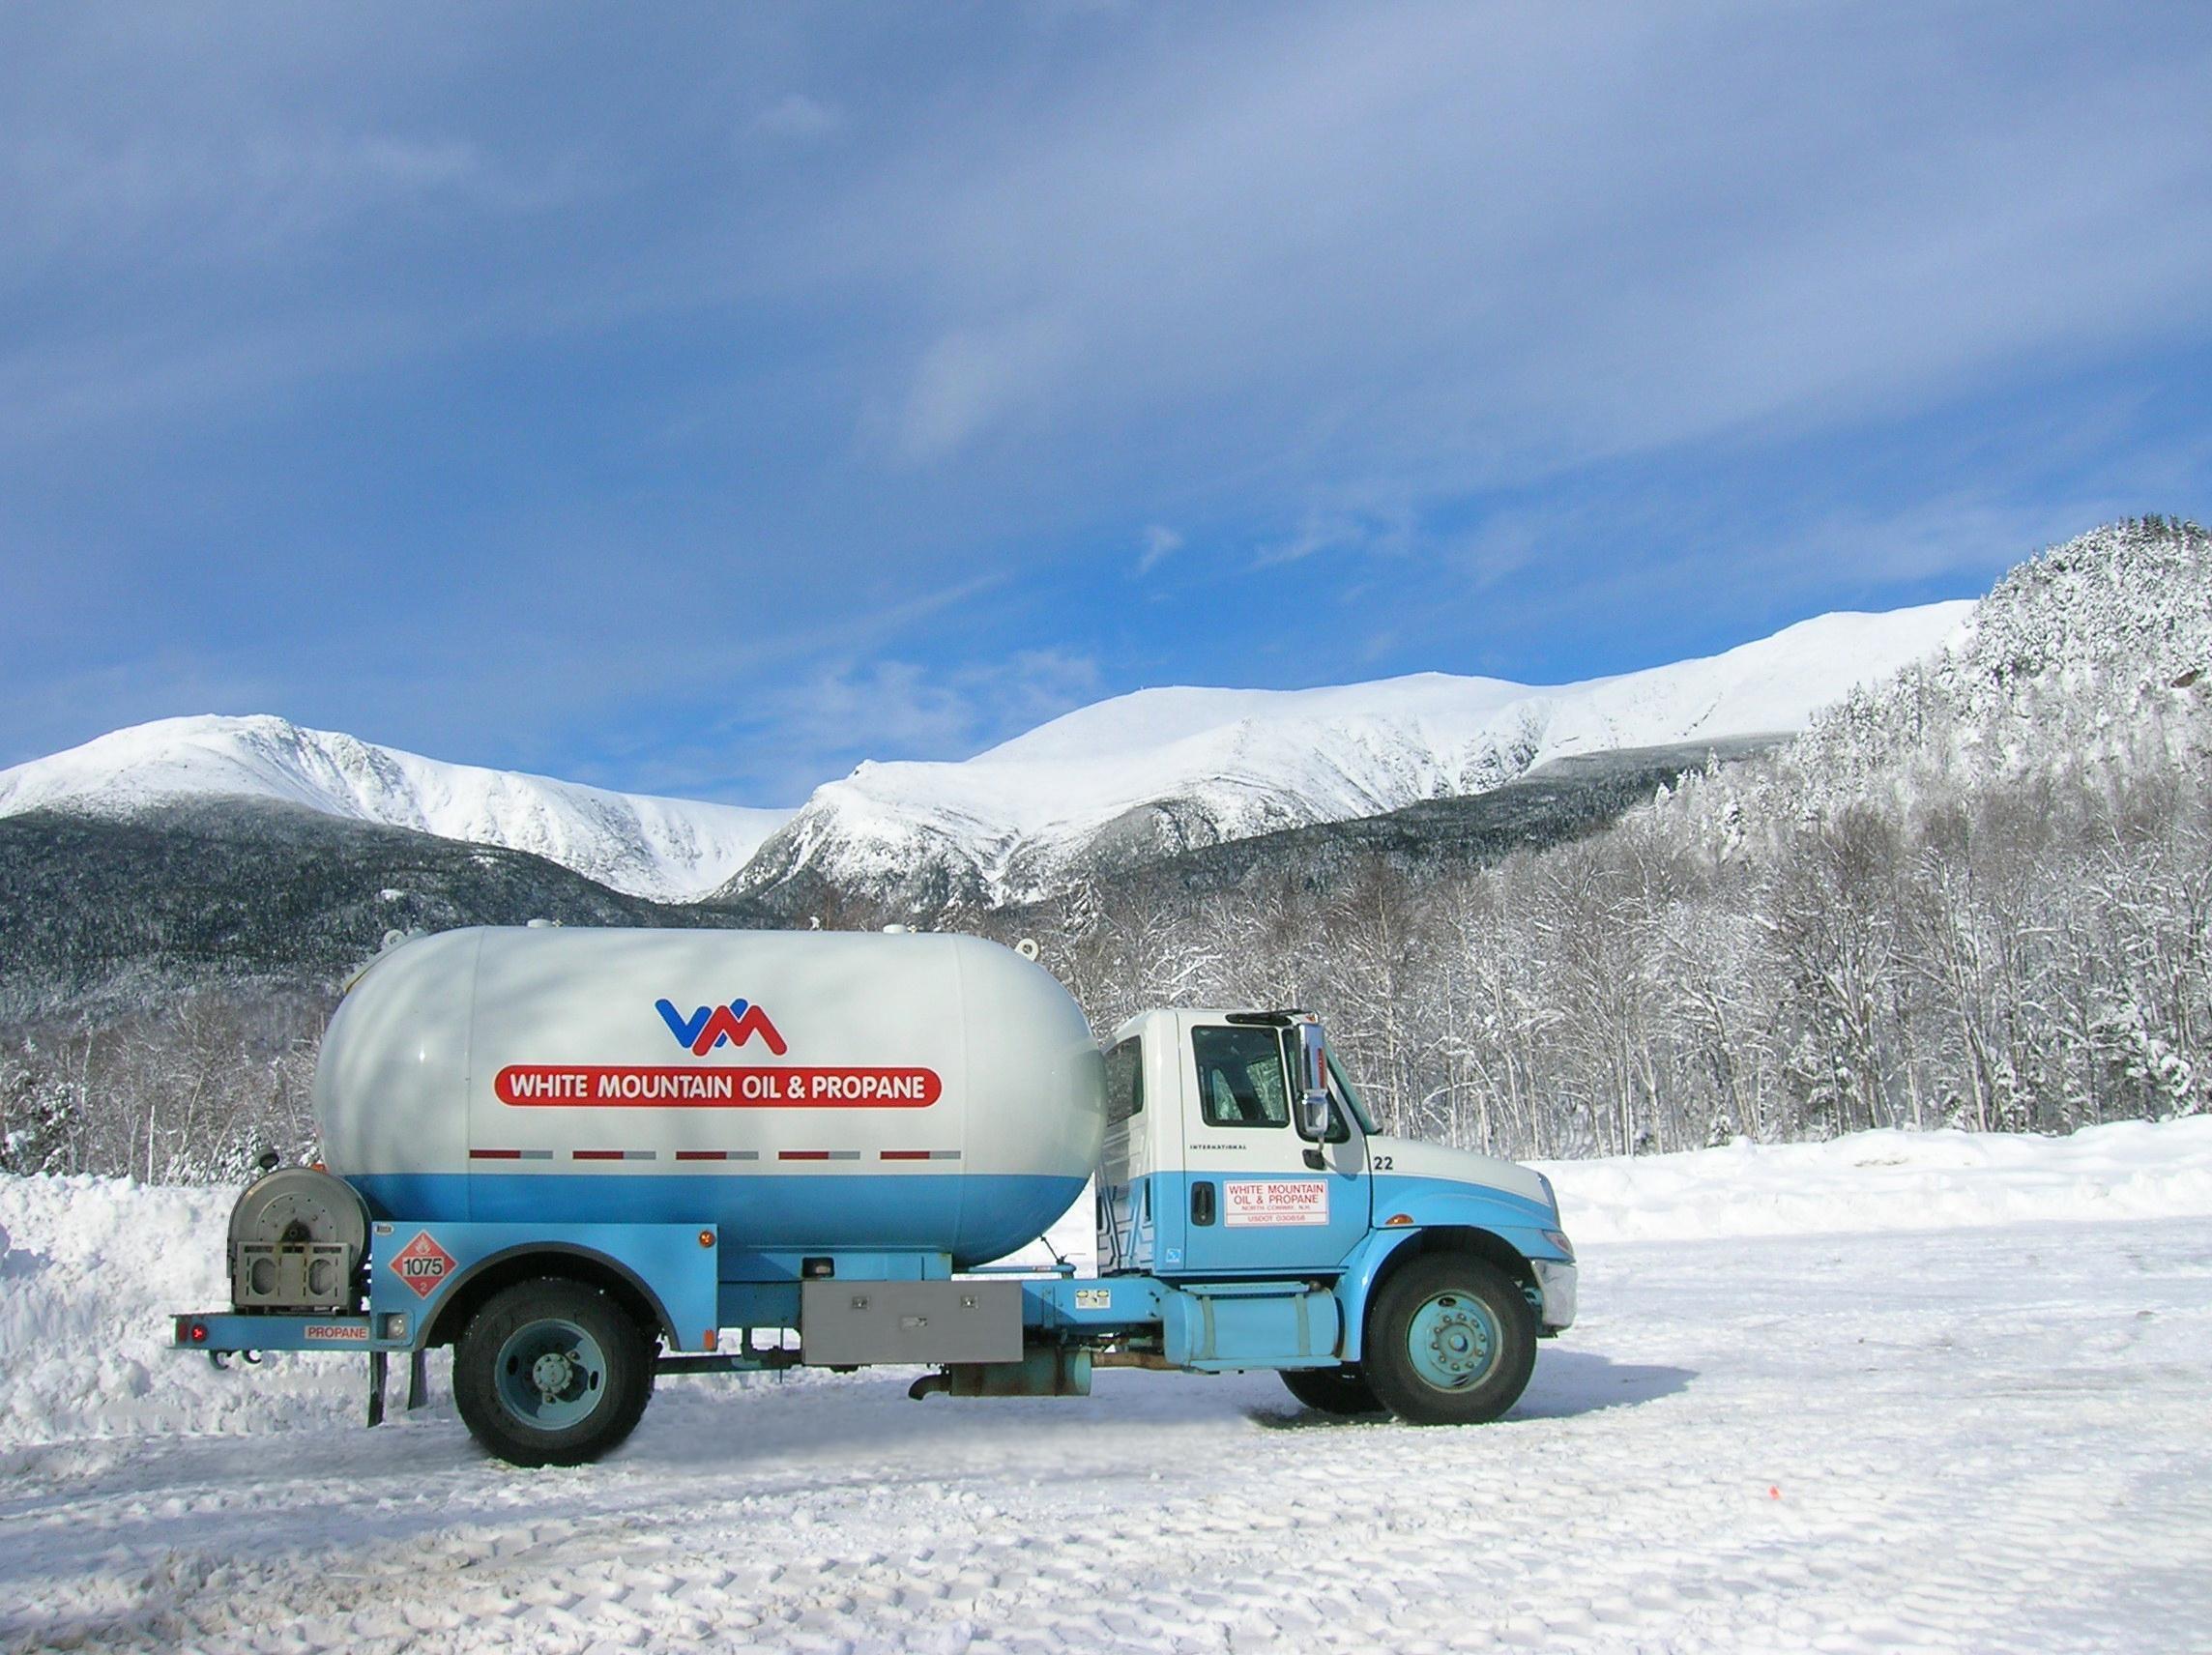 White Mountain Oil and Propane